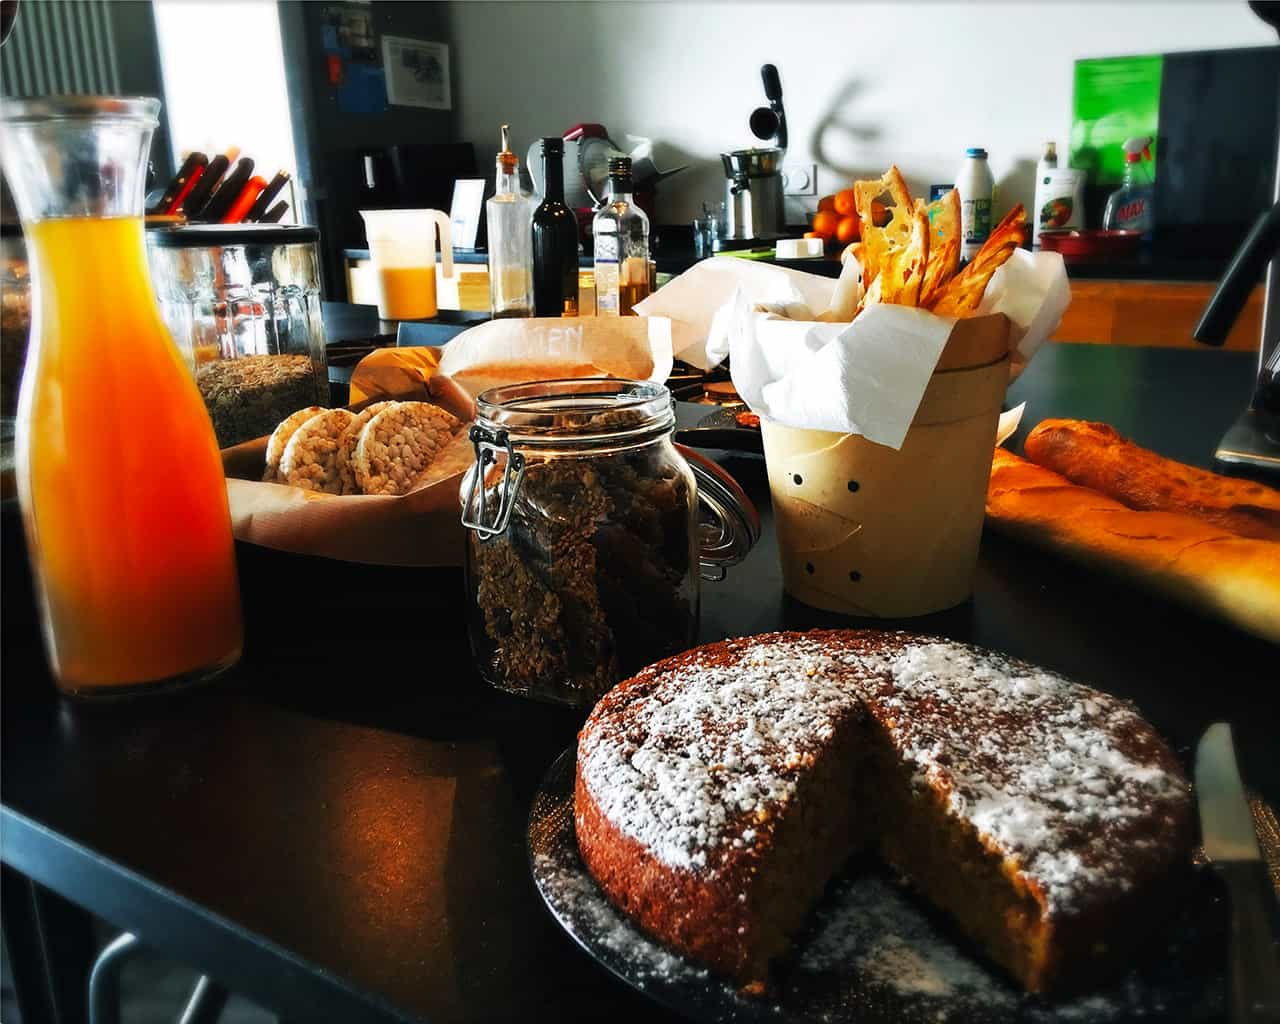 Petit déjeune gourmand à la table d'hôte du Metafort dna sle luberon en Provence